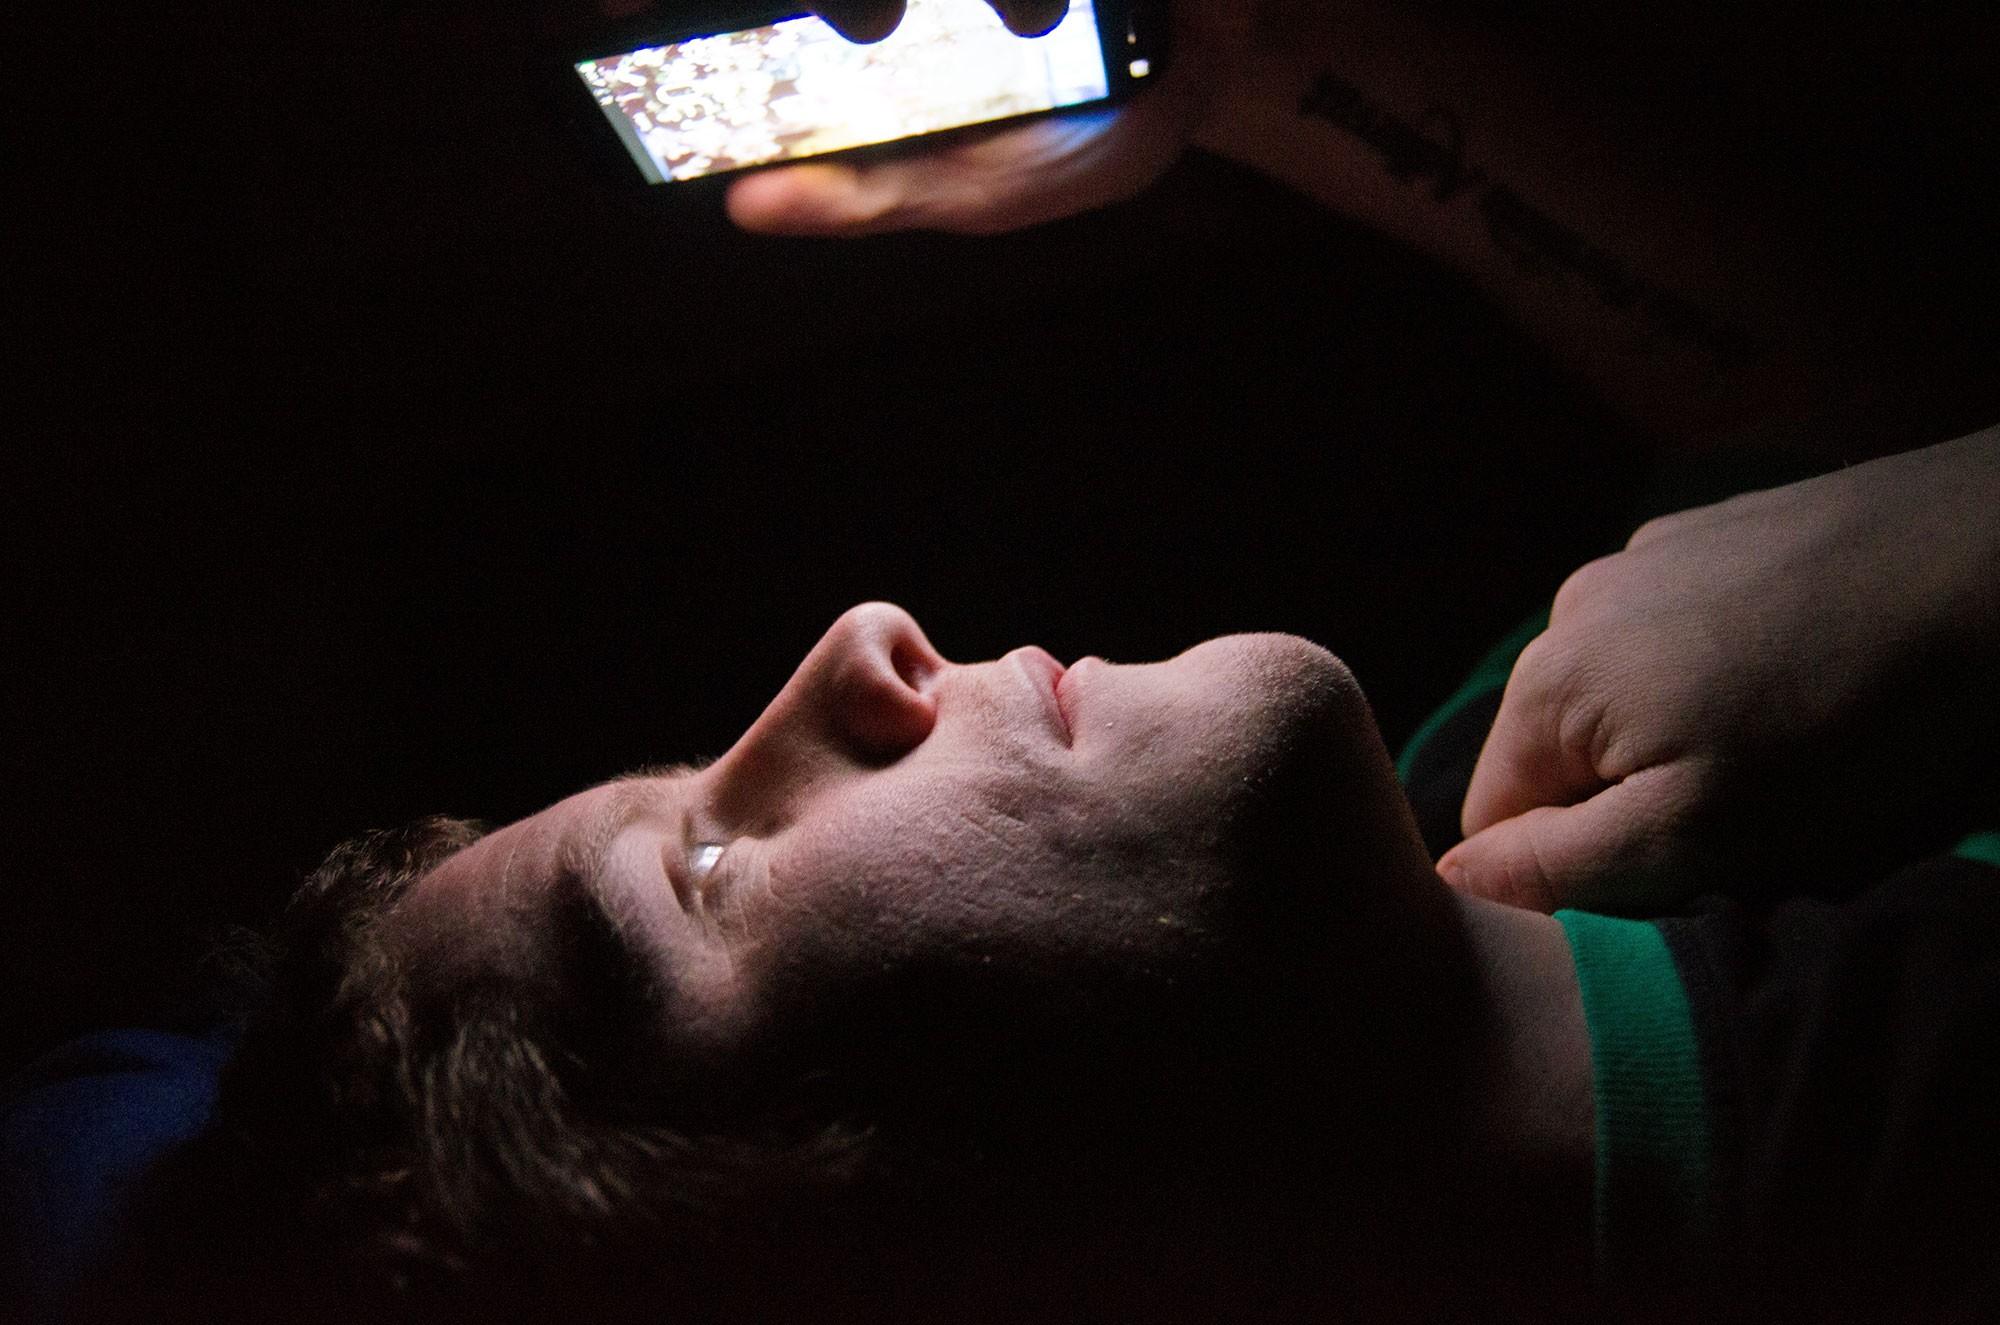 Desliga o celular e vai dormir, menino! (Foto: Reprodução)